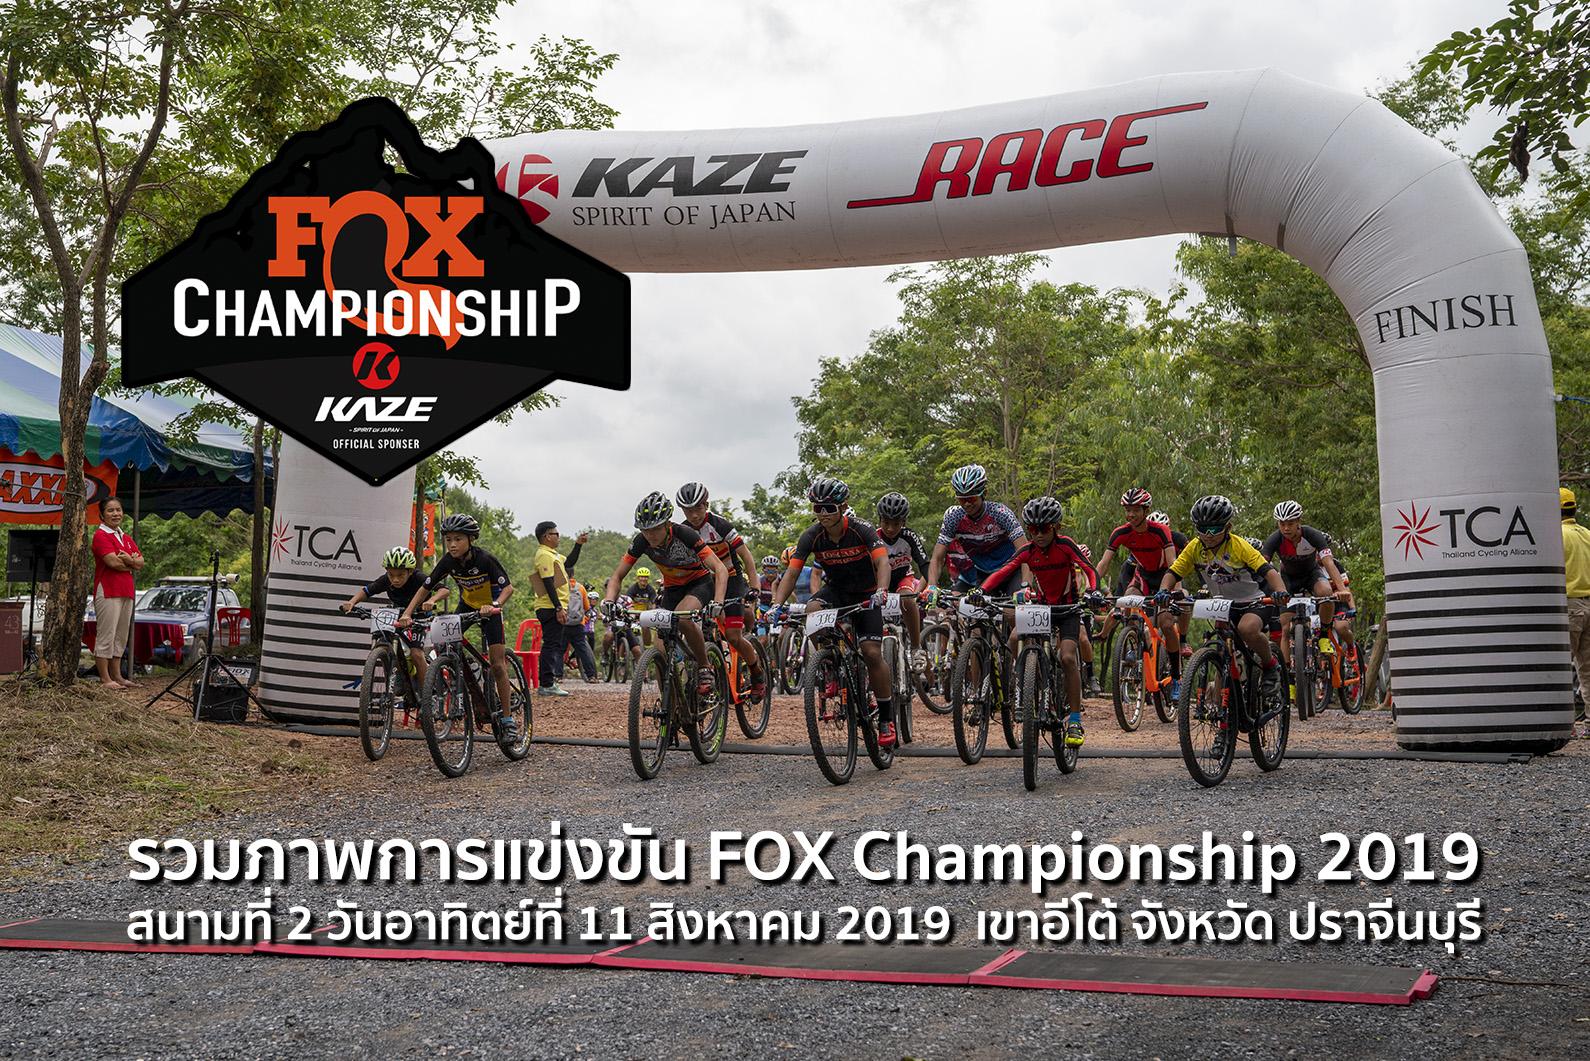 ภาพการแข่งขัน FOX Championship 2019 สนาม #2 by KAZE จ.ปราจีนบุรี วันอาทิตย์ที่ 11 สิงหาคม 2562